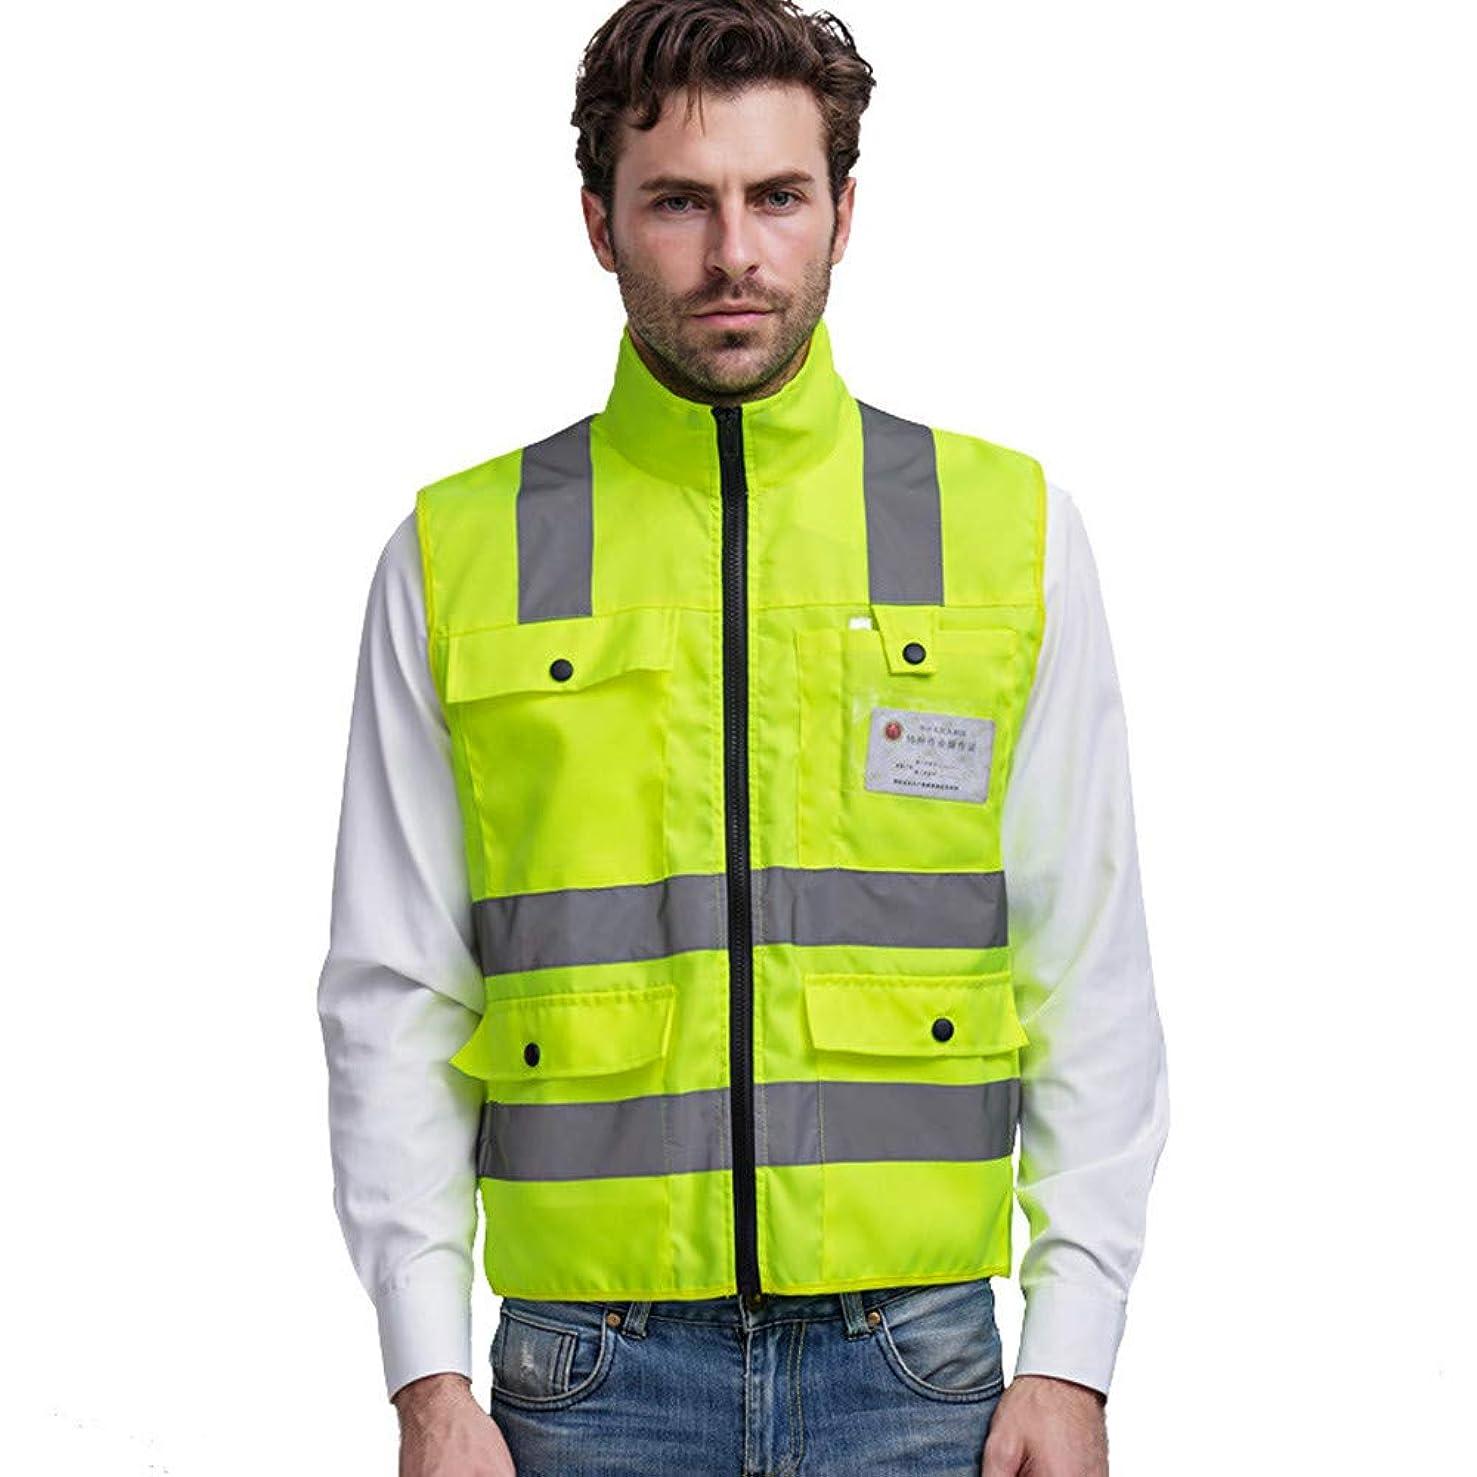 供給オン廊下軽量で リフレクティブ?セーフティ?ジャケット、イエロー?ハイ?ビジョン?セイフティ?ベスト?ジャケット?セーフティ?ベスト?リフレクティブ?ストリップノースリーブ?アウトドア?アクティビティ (色 : 緑, サイズ : Medium)